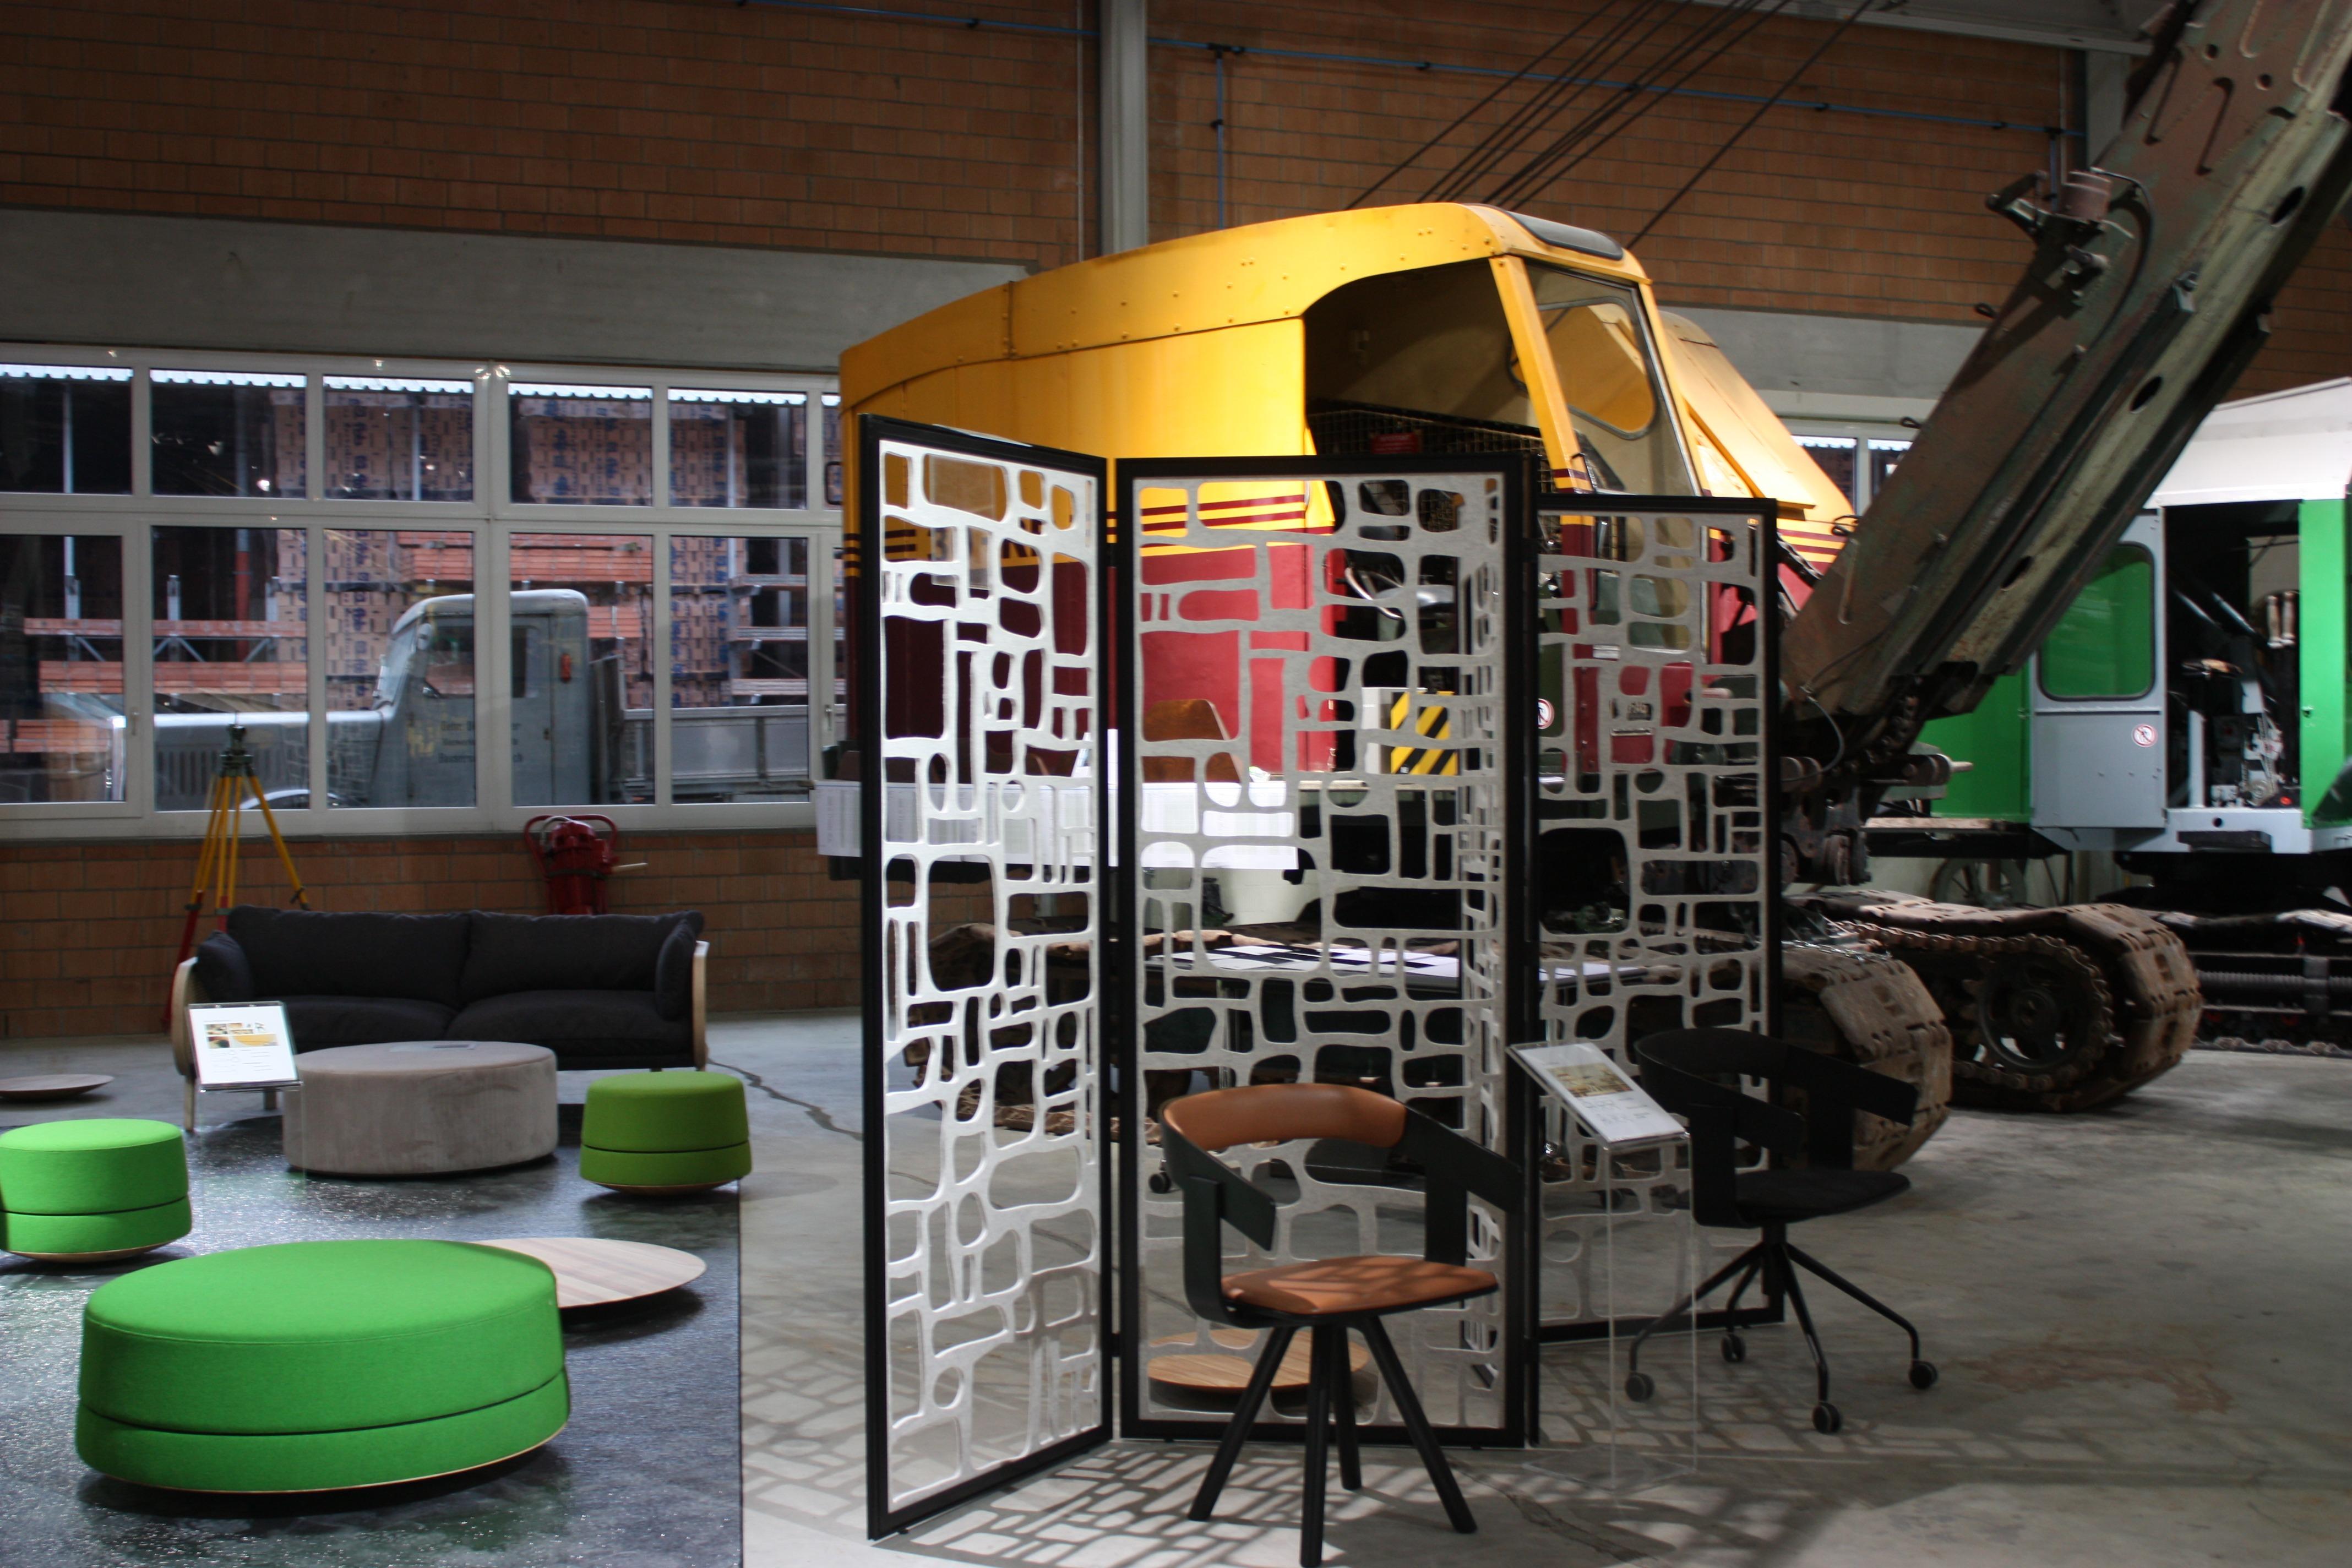 EBIANUM Büromöbelausstellung in der Ausstellungshalle - EBIANUM